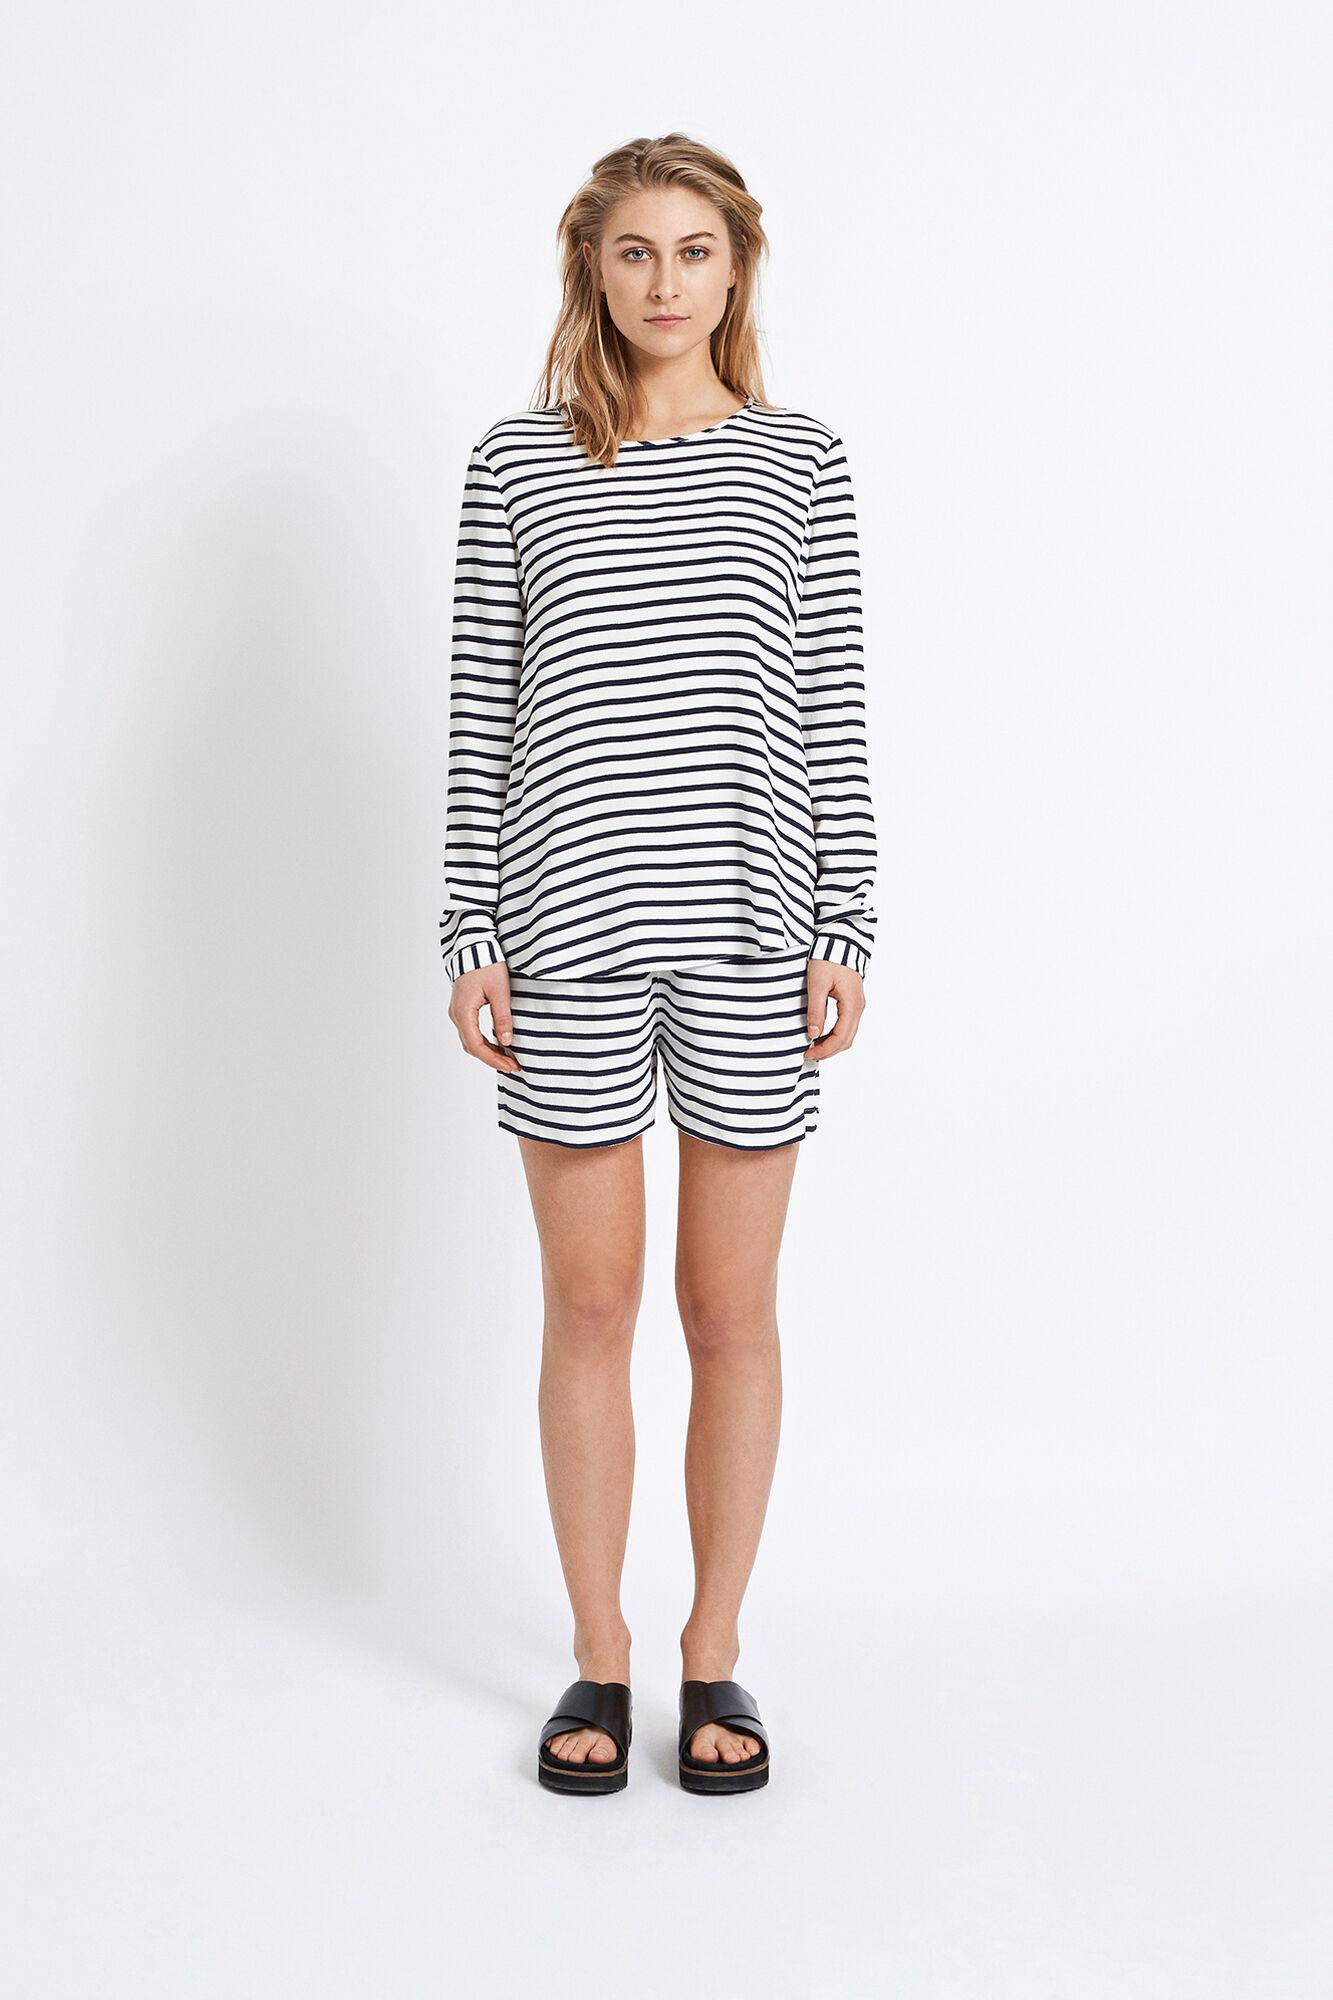 Theta blouse aop 5687, BLUECREAM SMALL